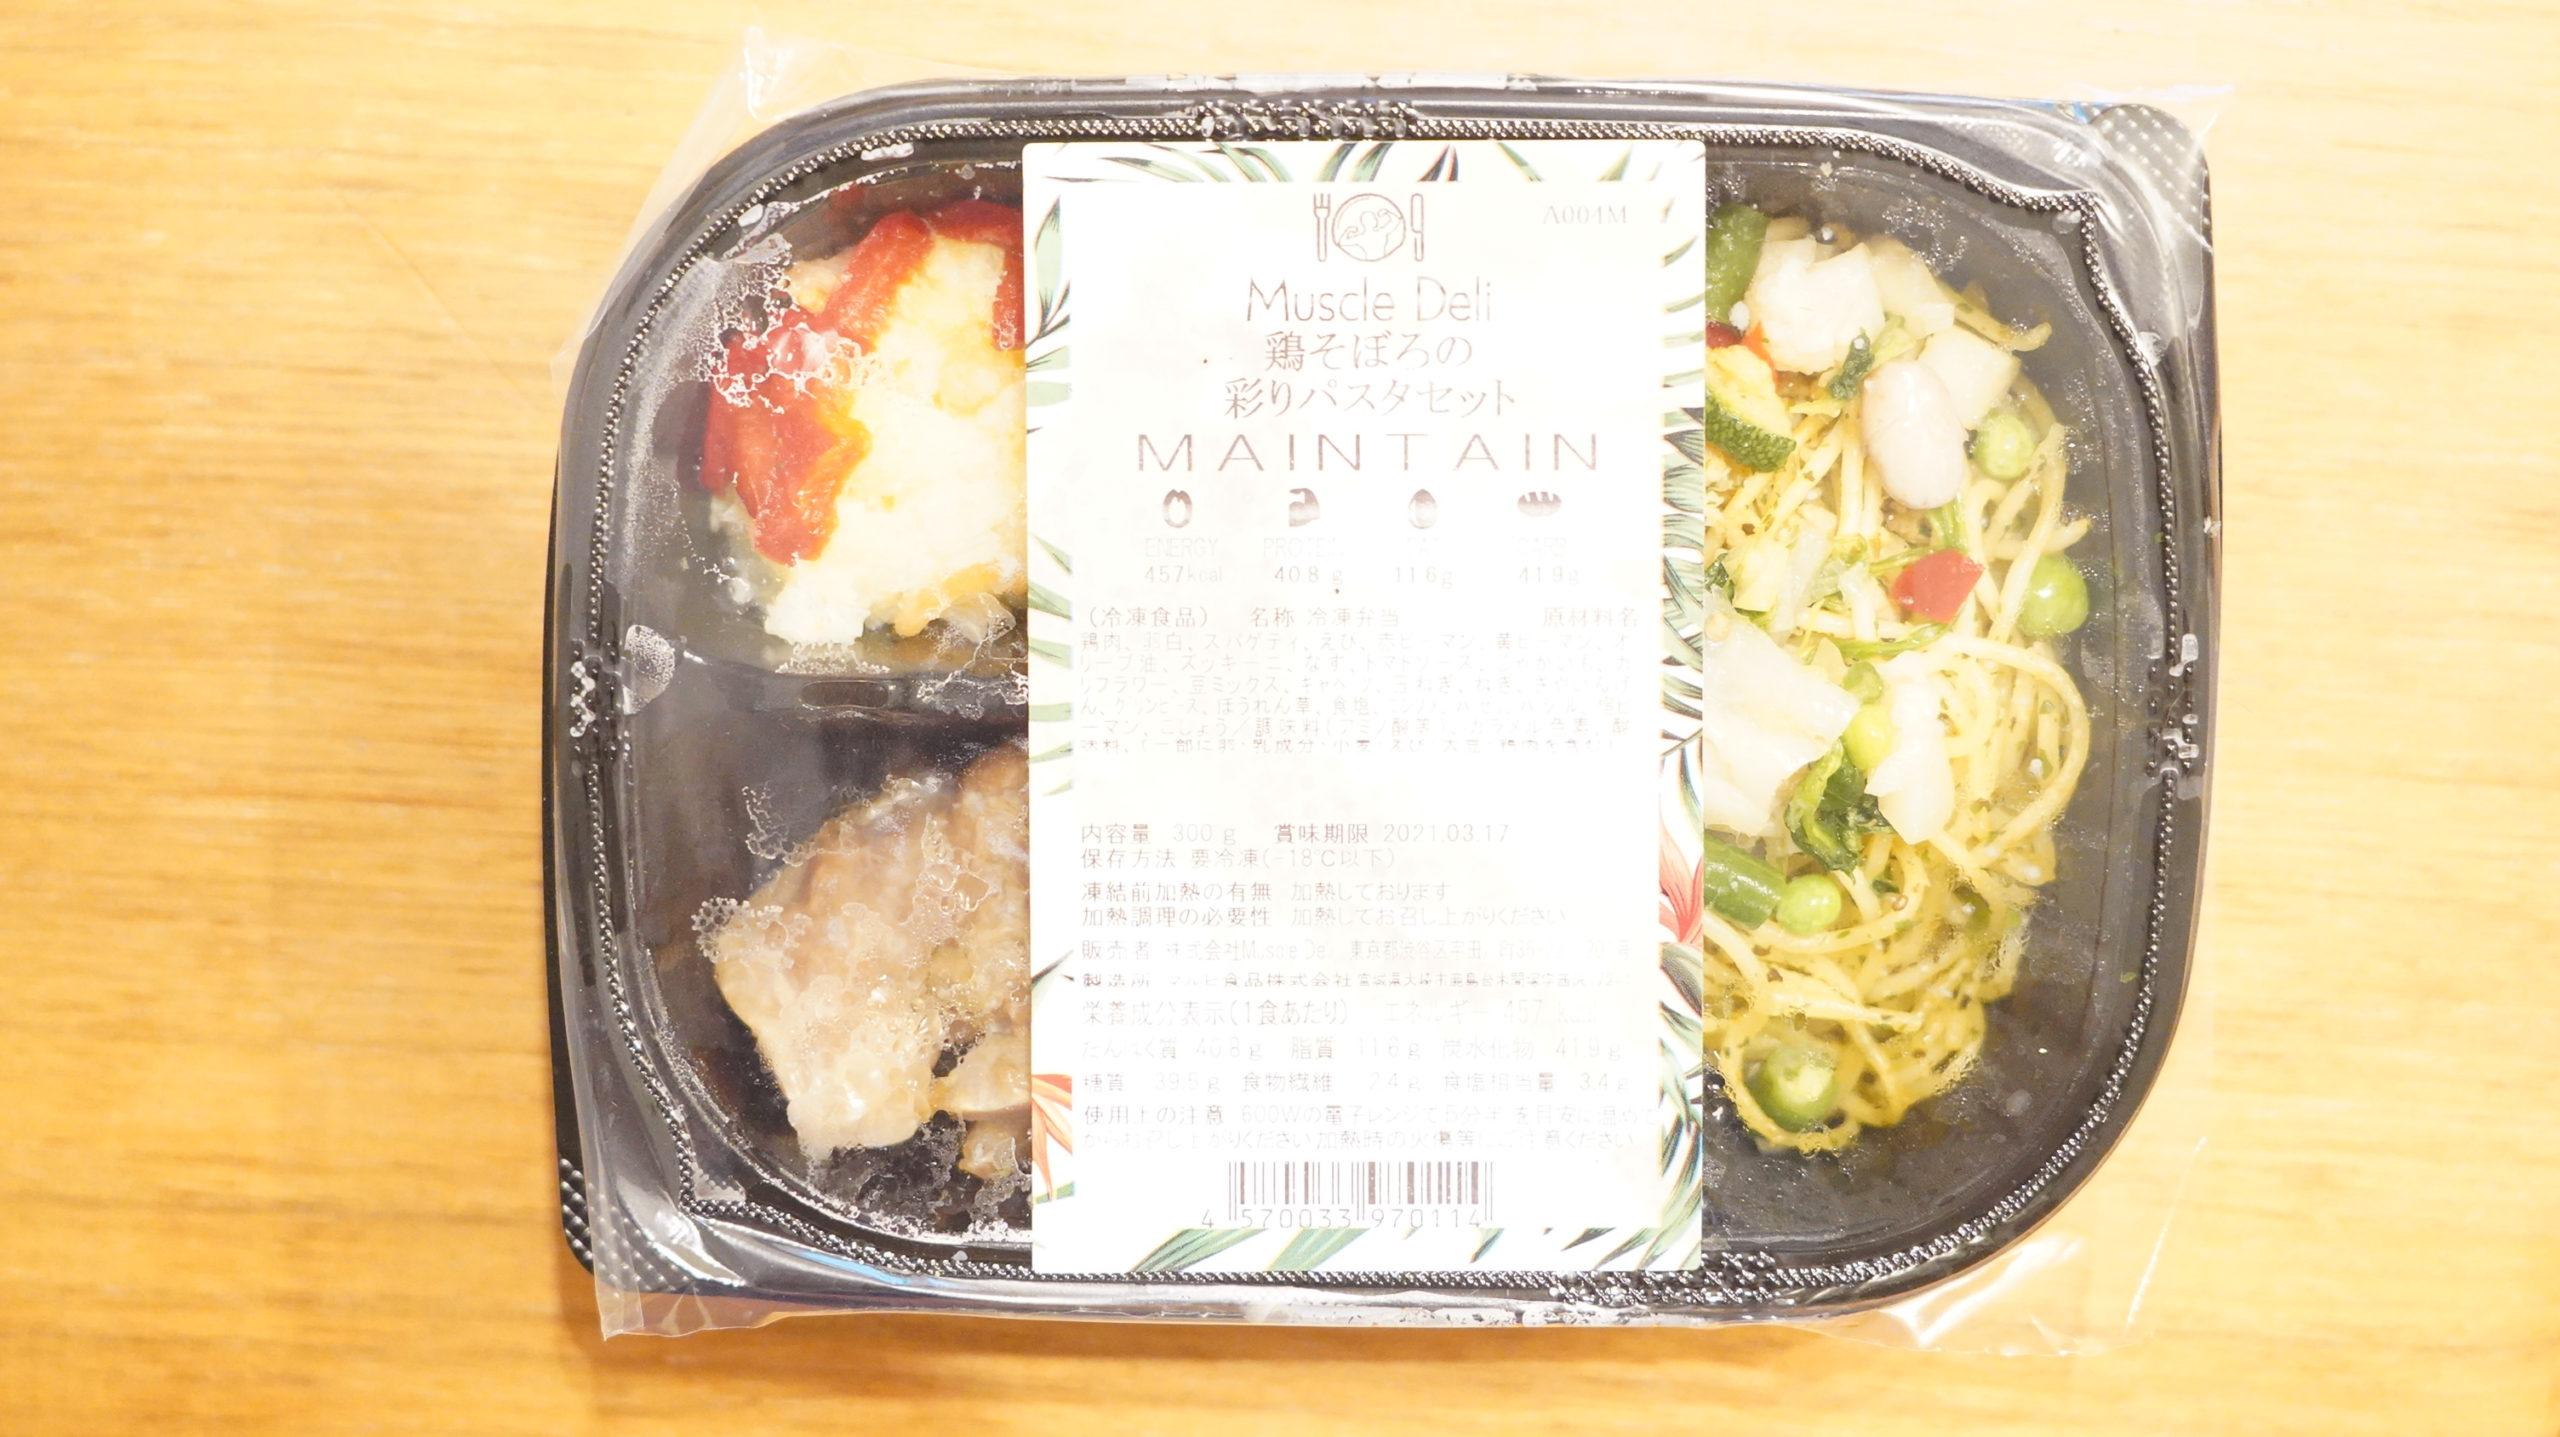 マッスルデリ(Muscle Deli)の鶏そぼろの彩りパスタセットのパッケージ写真